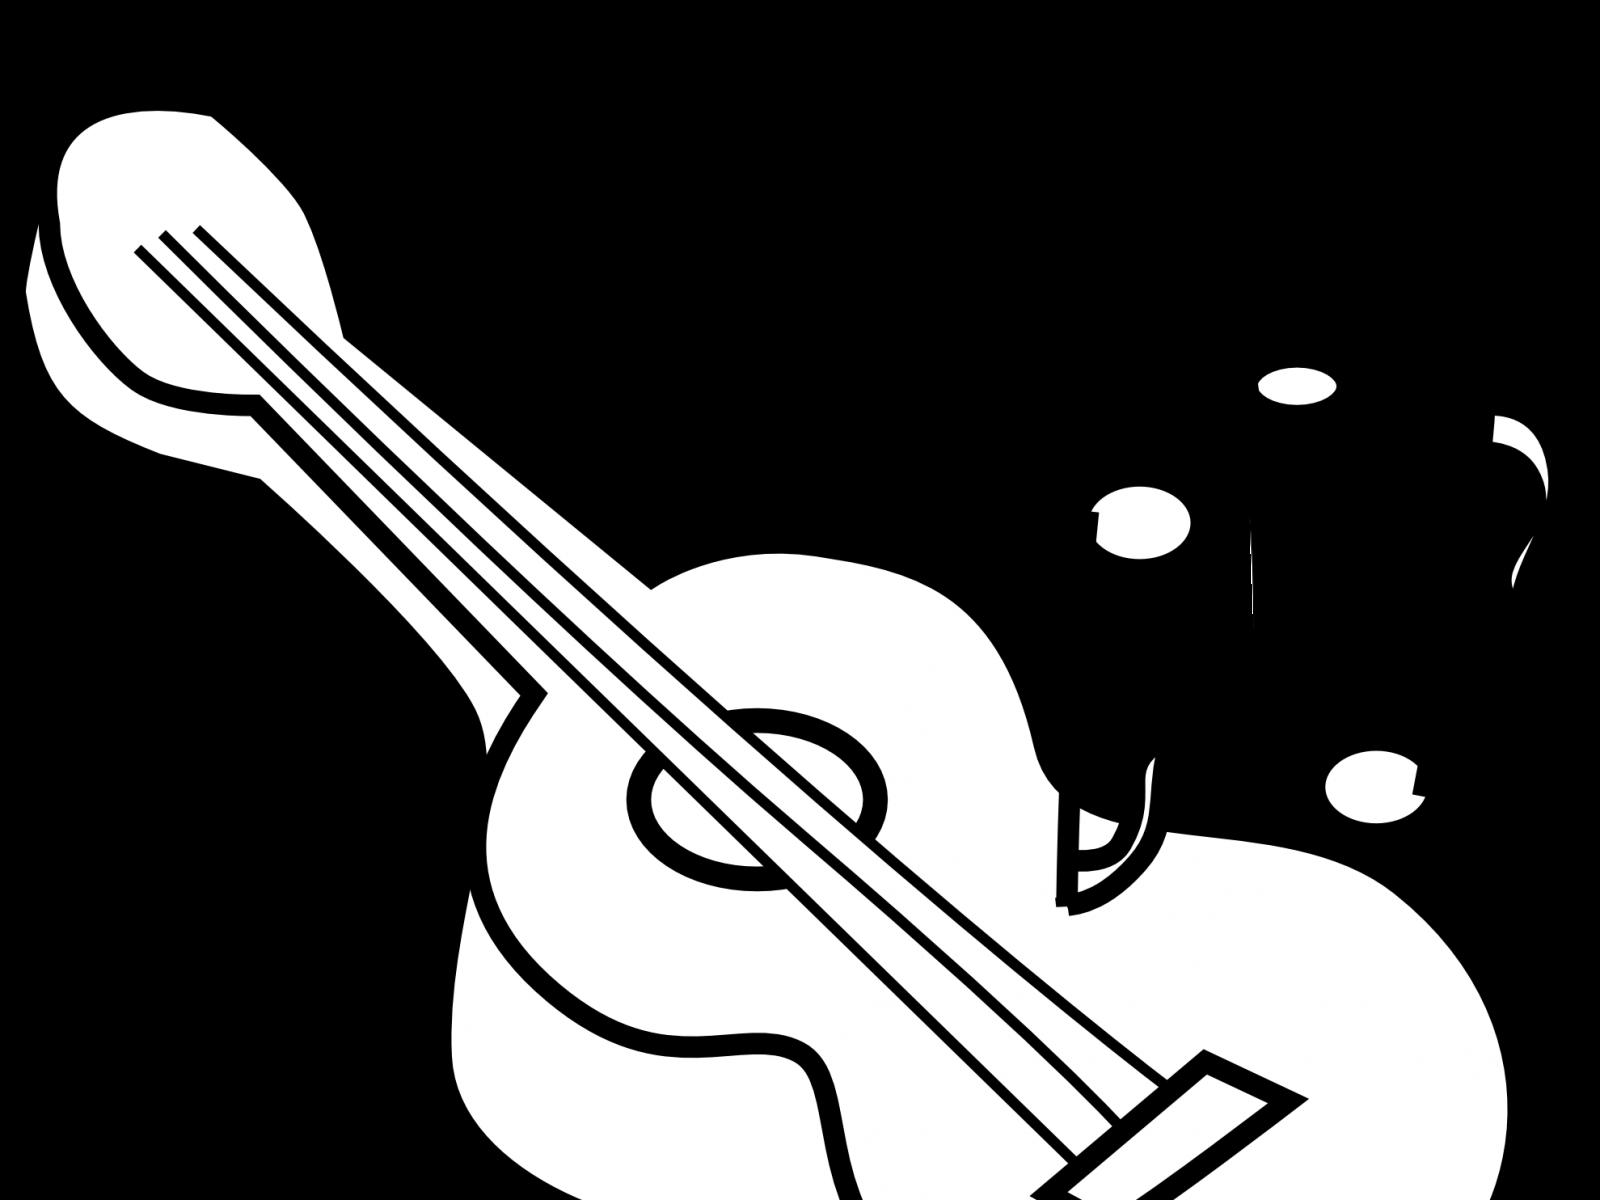 guitar line drawing at getdrawings com